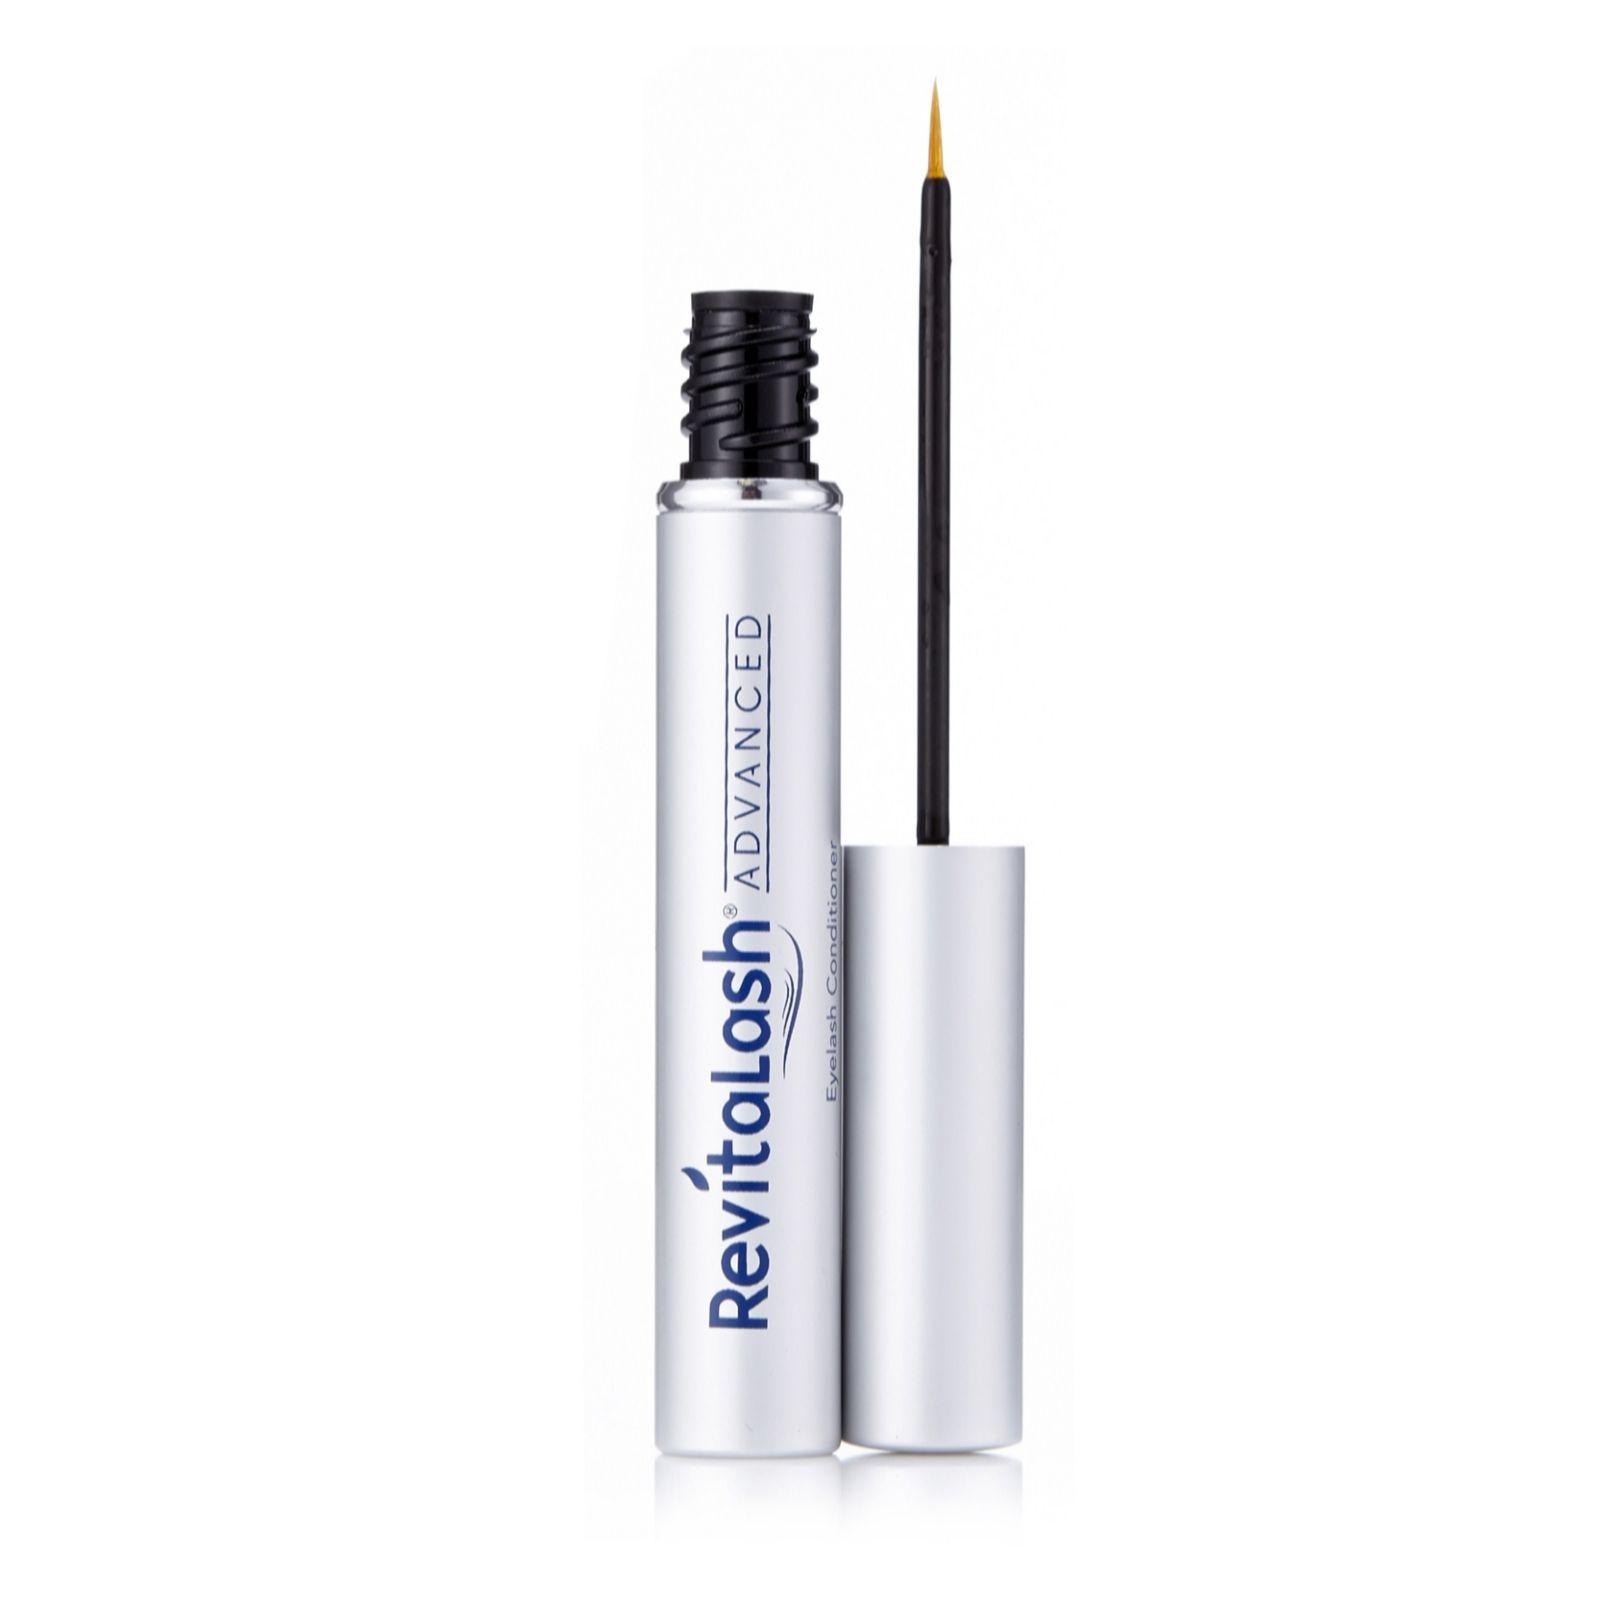 704ec1b0cfe Tutto Revitalash Uk Prodotto. RevitaLash Advanced 3.5ml by RevitaLash;  RevitaLash | Cult Beauty; Revitalash Advanced Eyelash Conditioner ...